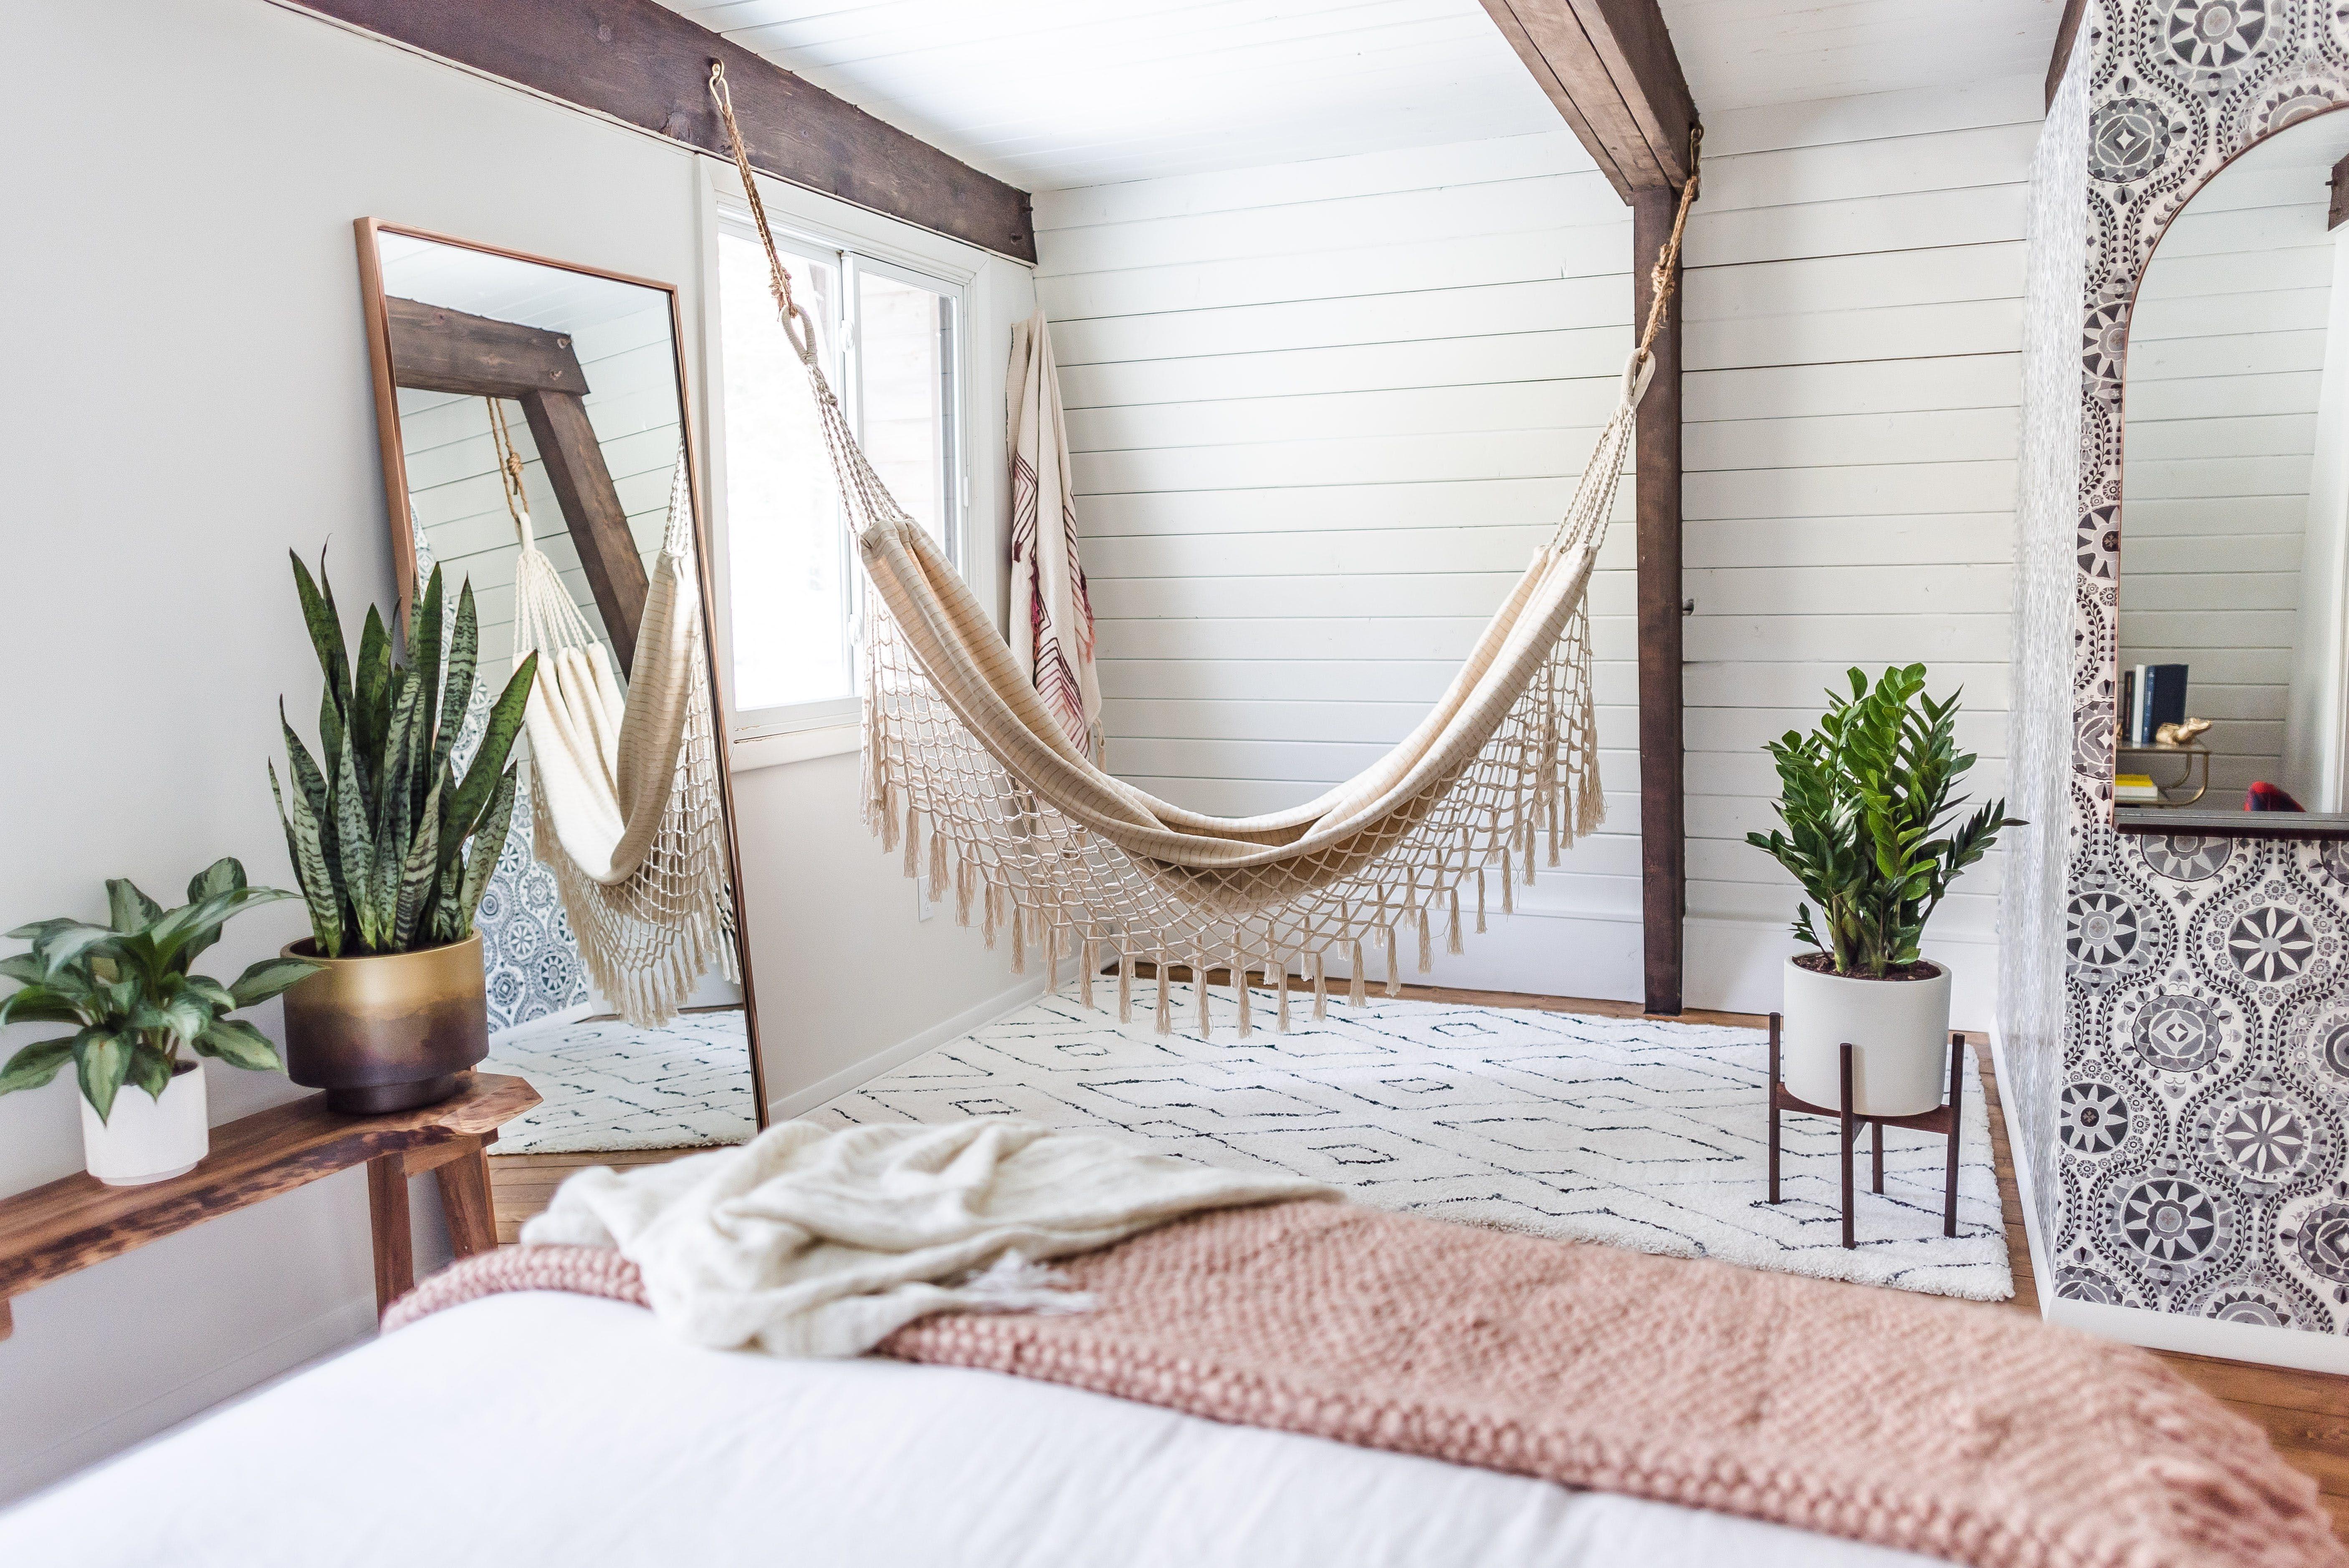 furniture loveseat outdoor for hanging design hammock hammocks indoor of best beautiful chair pictures bedroom